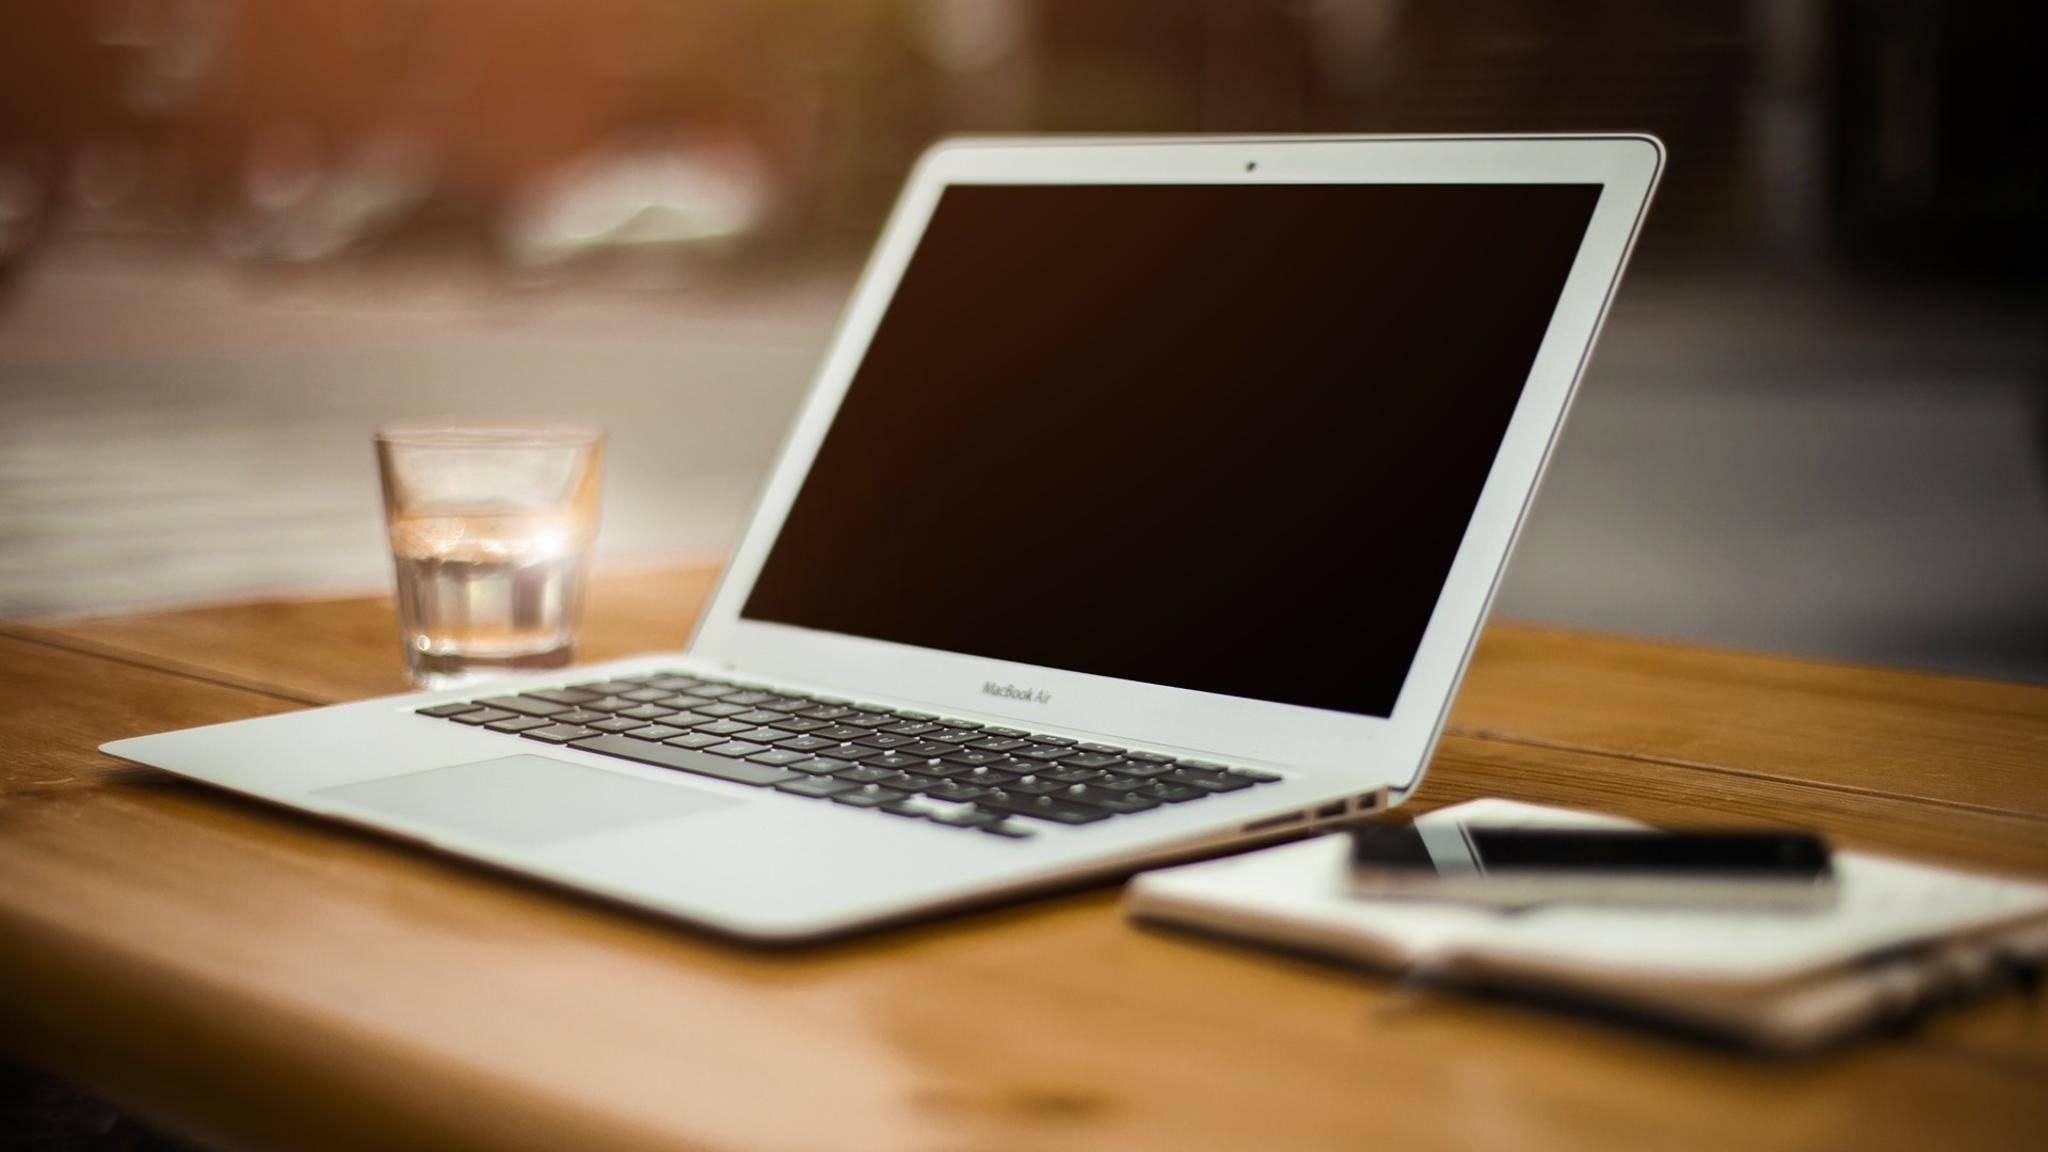 Das MacBook Air könnte schon lange ein besseres Display vertragen.